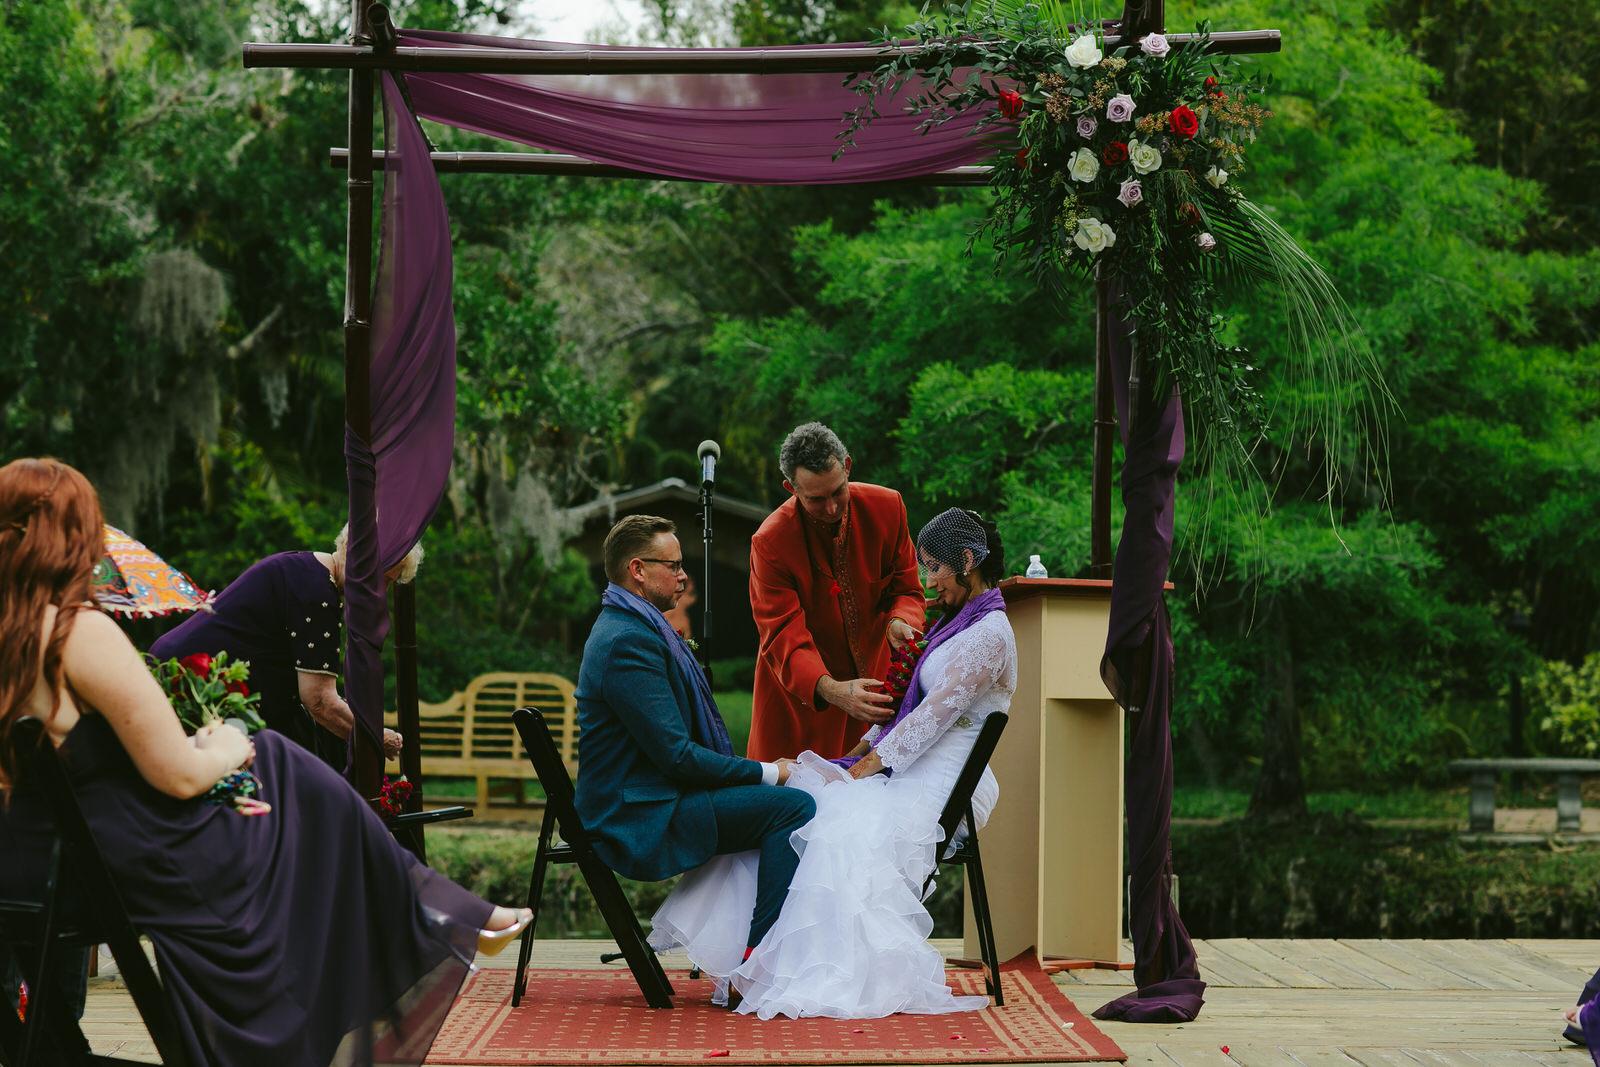 kashi-ashram-wedding-ceremony-31.jpg